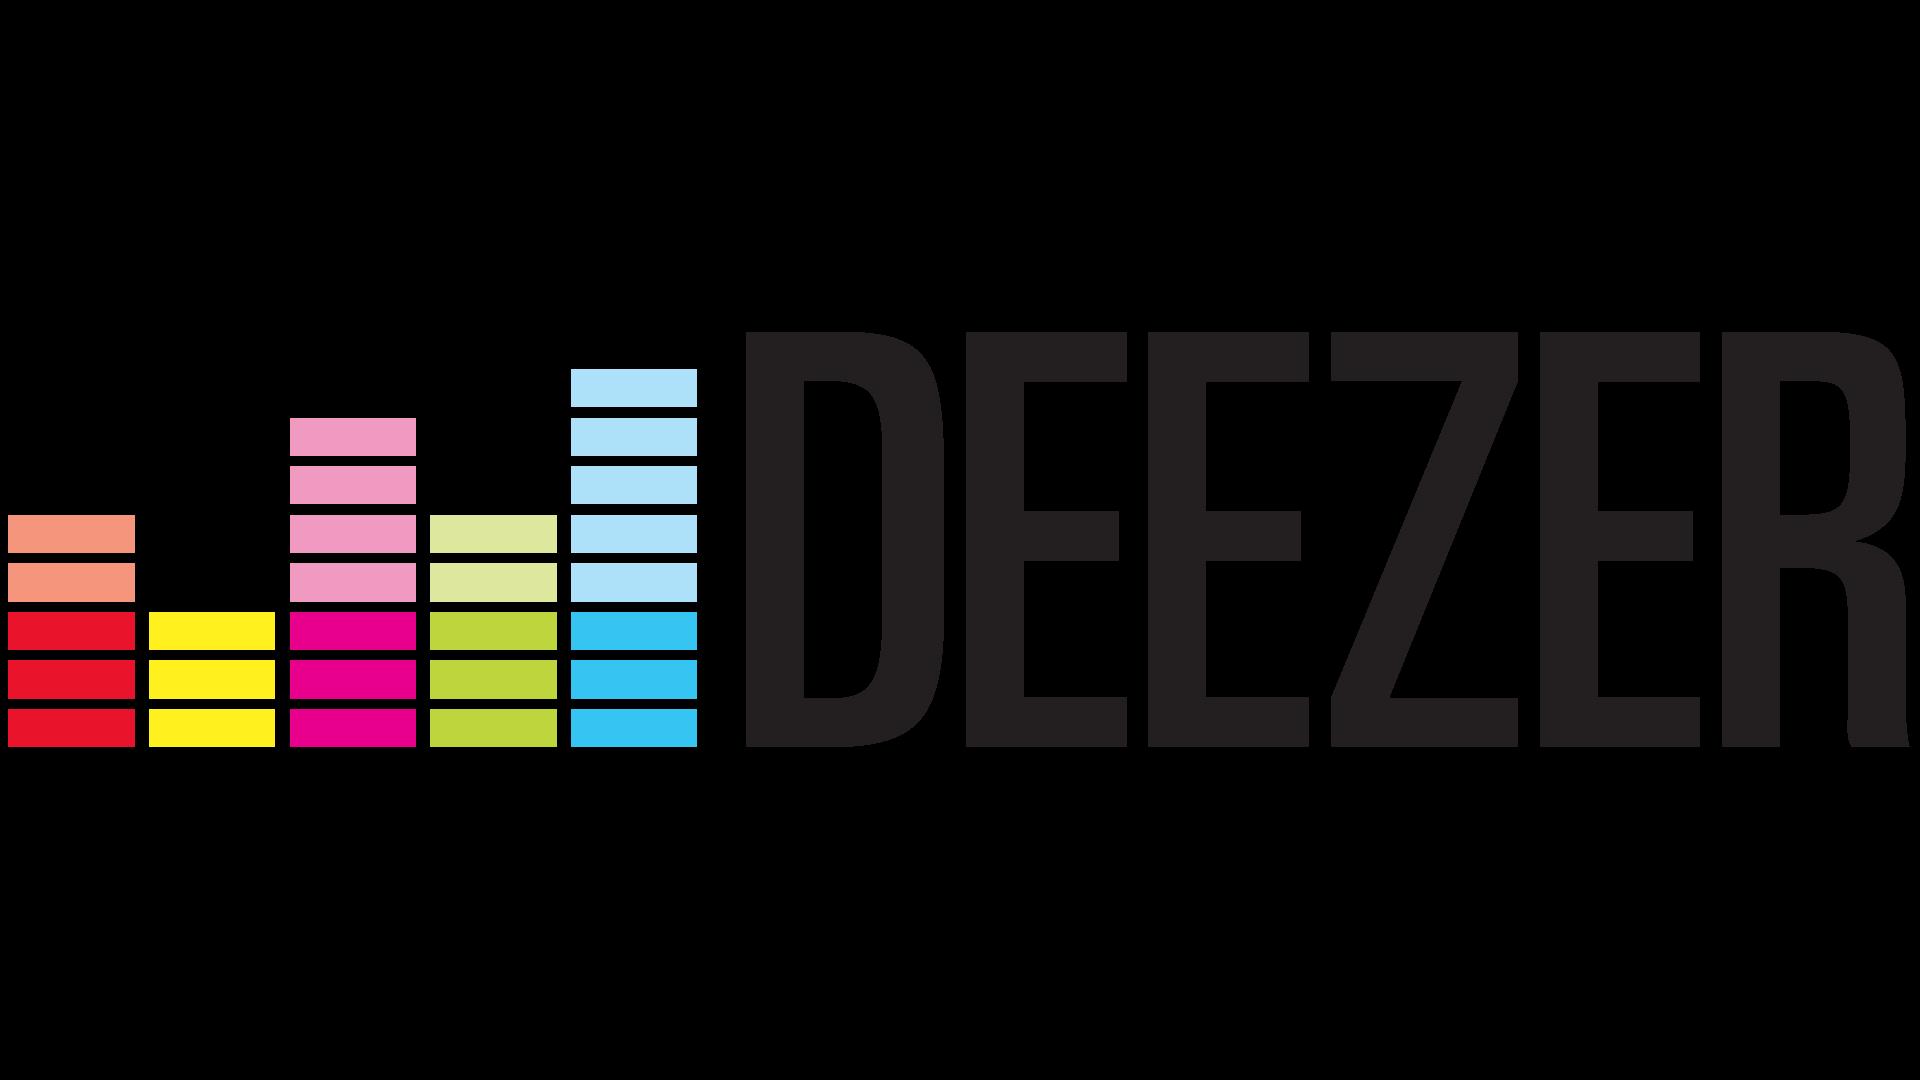 Deezer Logo transparent PNG.